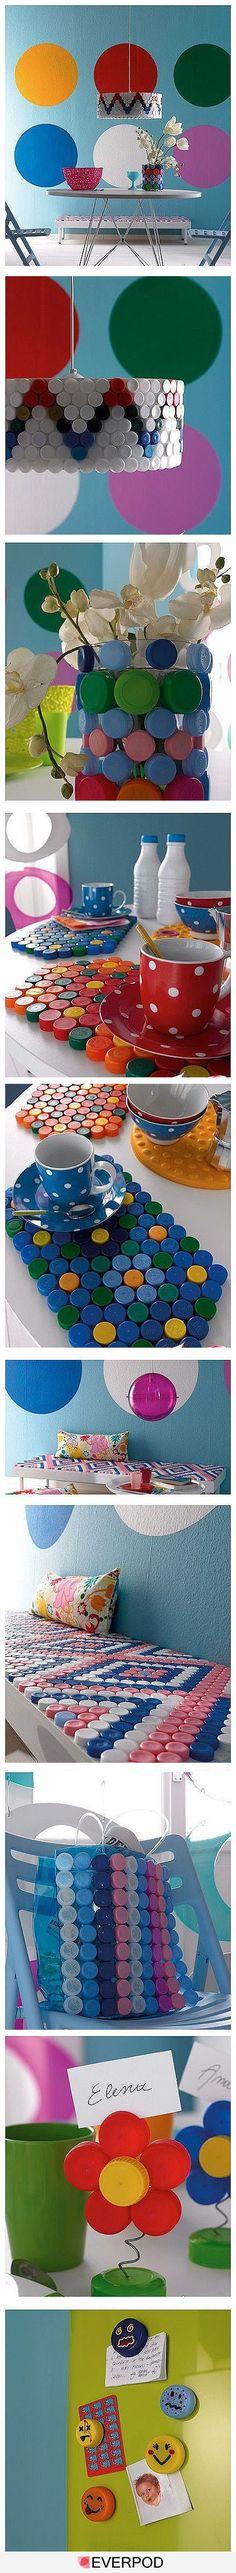 DIY Reciclaje de tapones de plástico